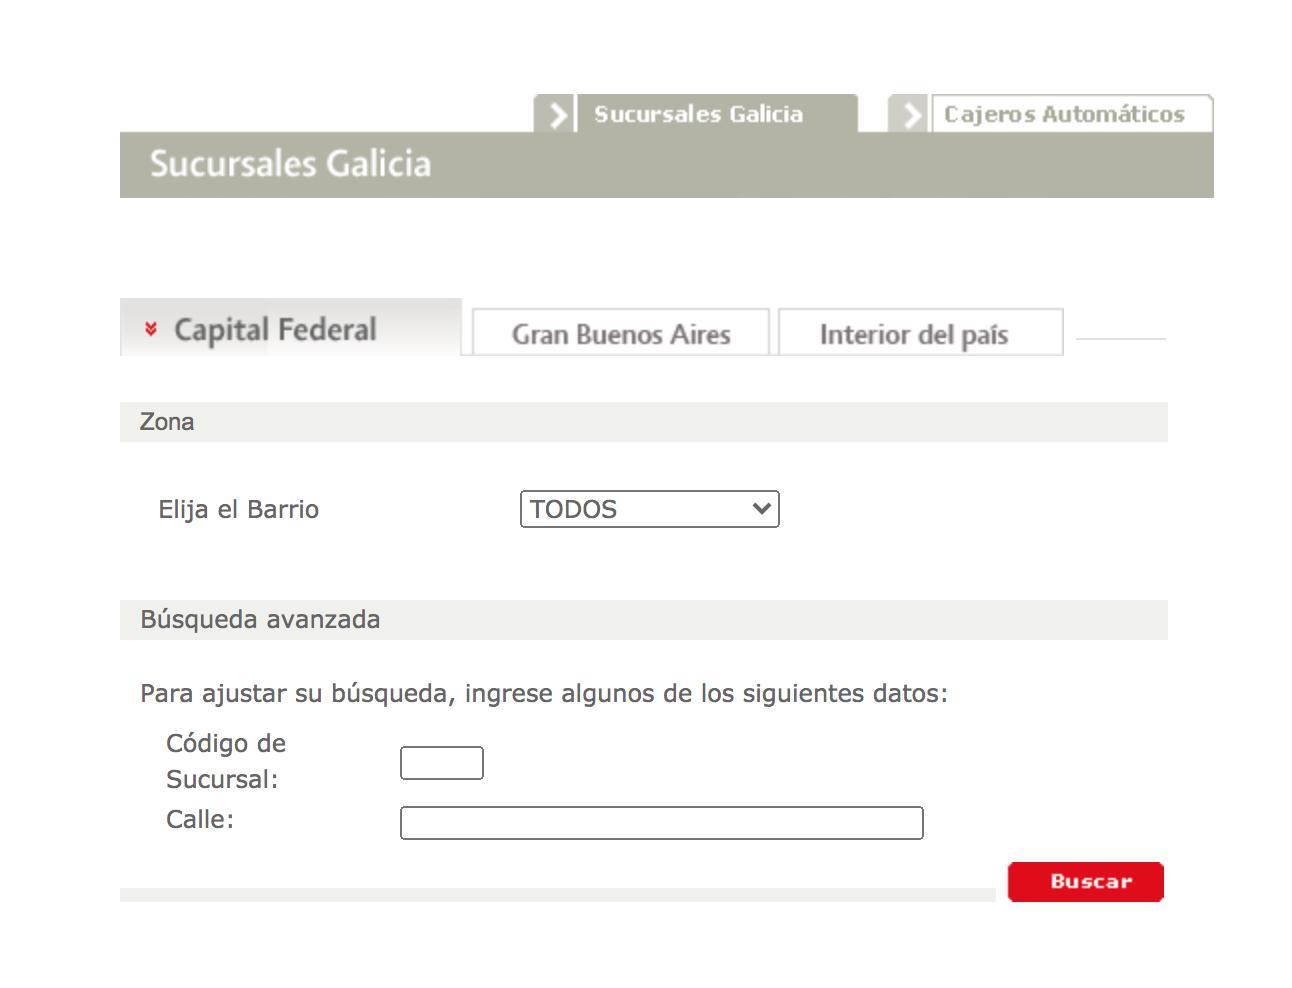 Cómo Pedir Un Crédito Hipotecario En El Banco Galicia Presencialmente